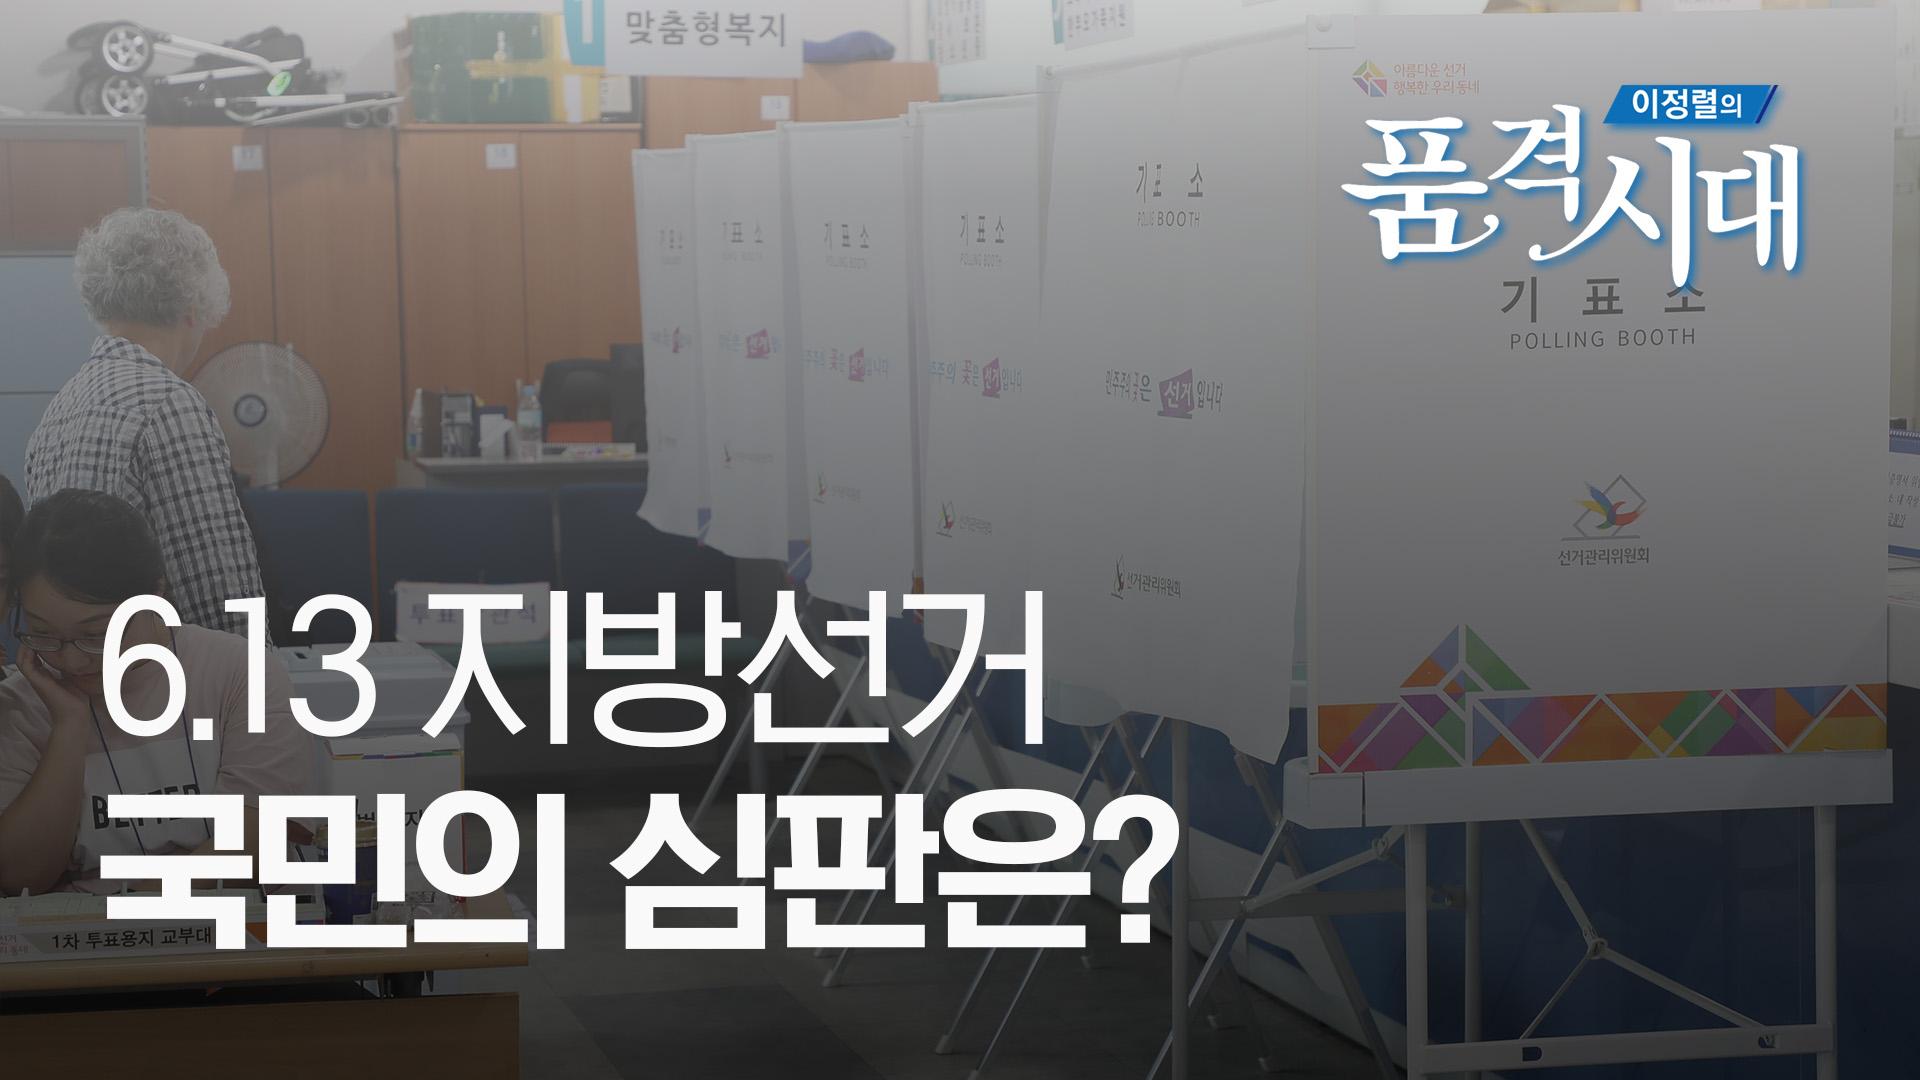 [이정렬의 품격시대 하이라이트] 6.13 지방선거, 국민의 심판은?